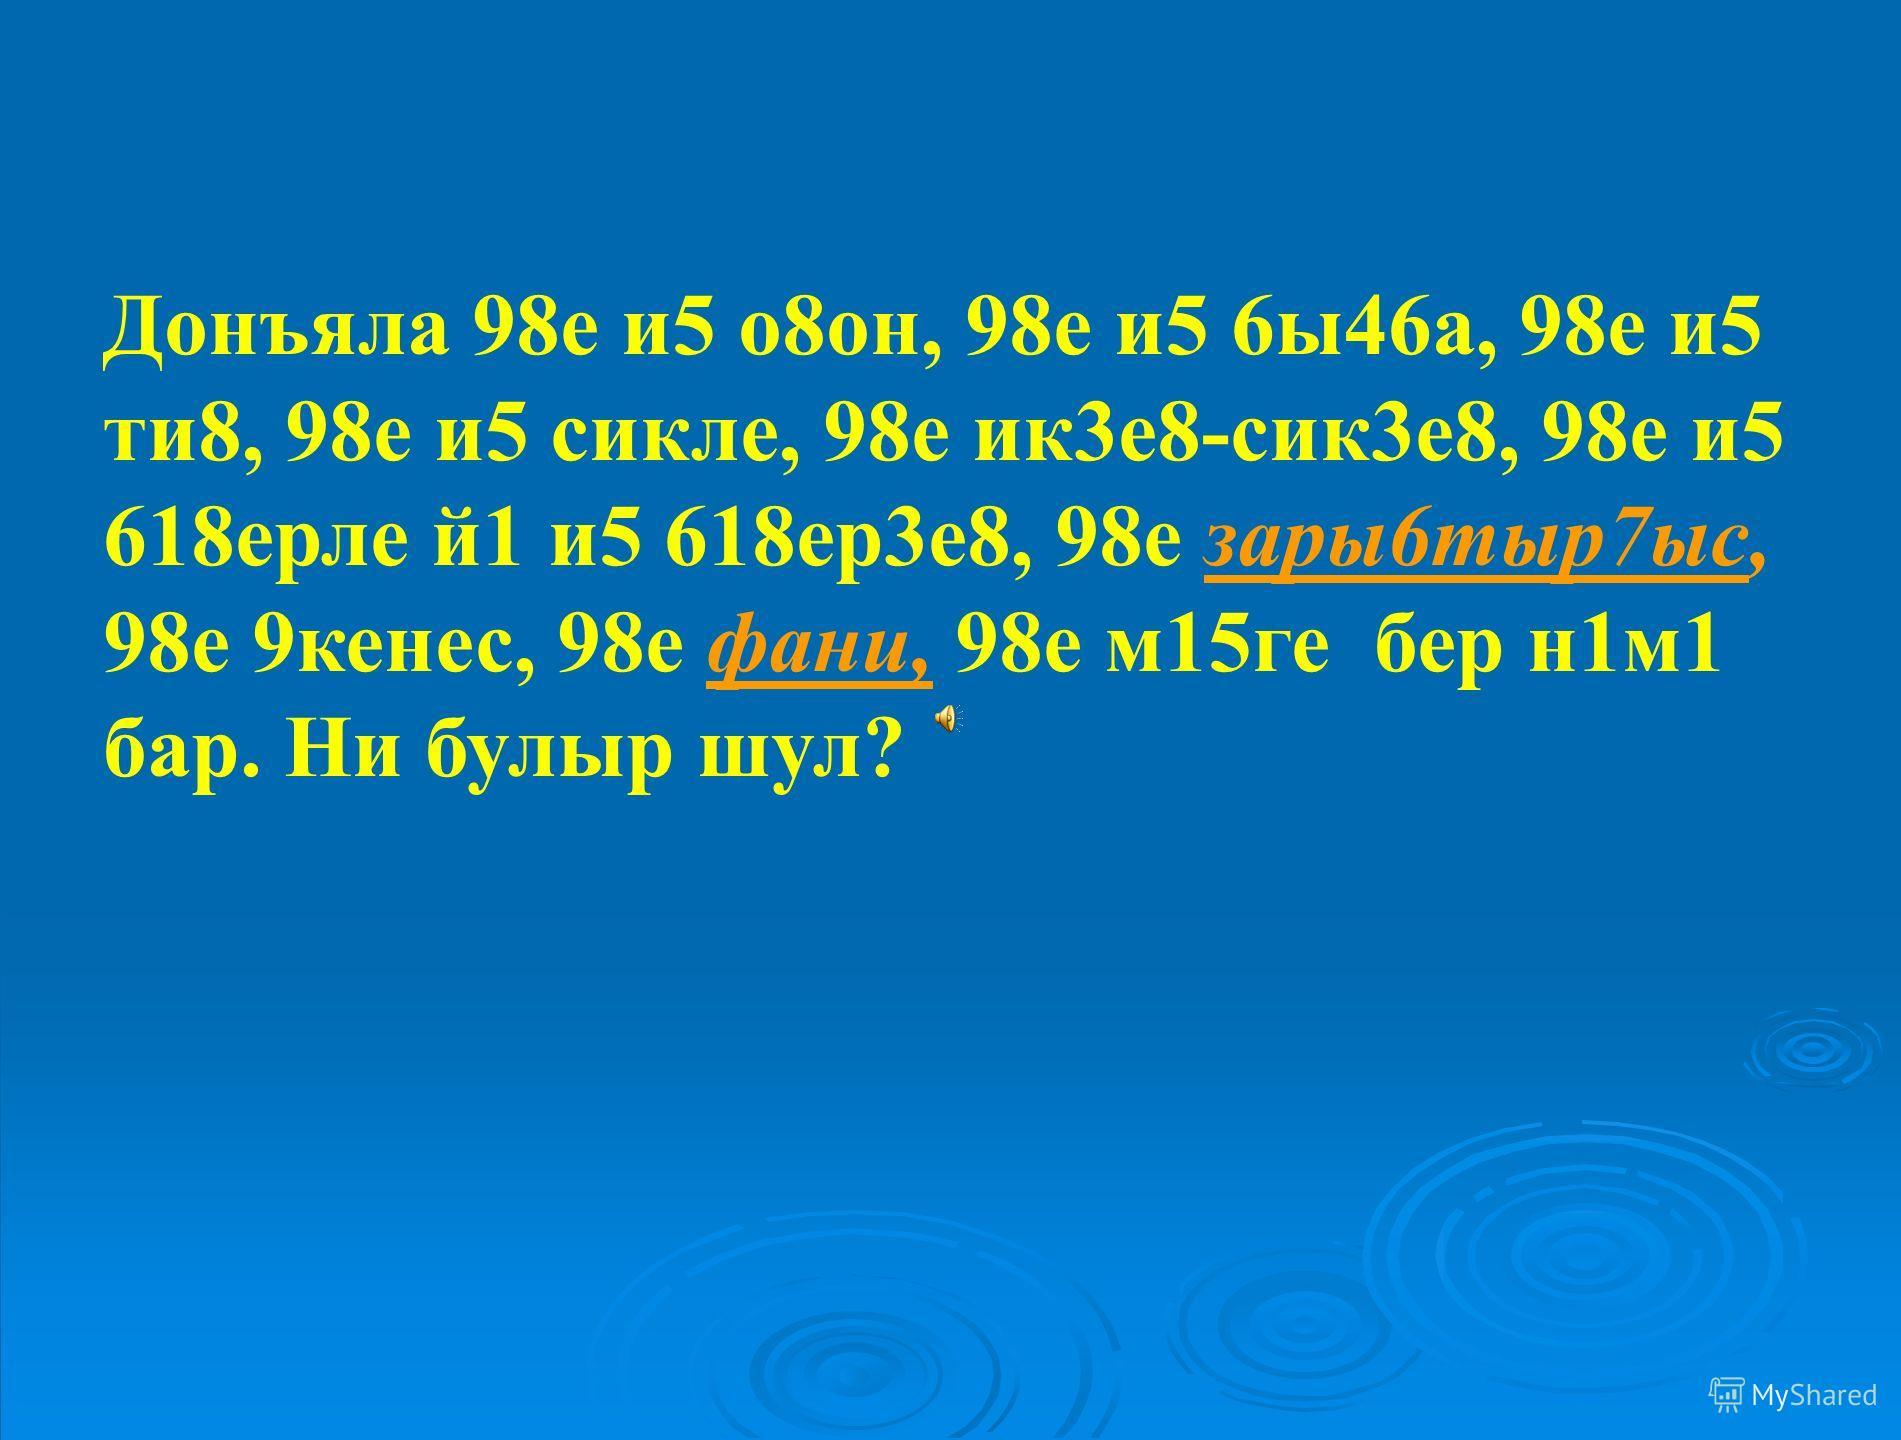 Донъяла 98е и5 о8он, 98е и5 6ы46а, 98е и5 ти8, 98е и5 сикле, 98е ик3е8-сик3е8, 98е и5 618ерле й1 и5 618ер3е8, 98е зары6тыр7ыс, 98е 9кенес, 98е фани, 98е м15ге бер н1м1 бар. Ни булыр шул ?